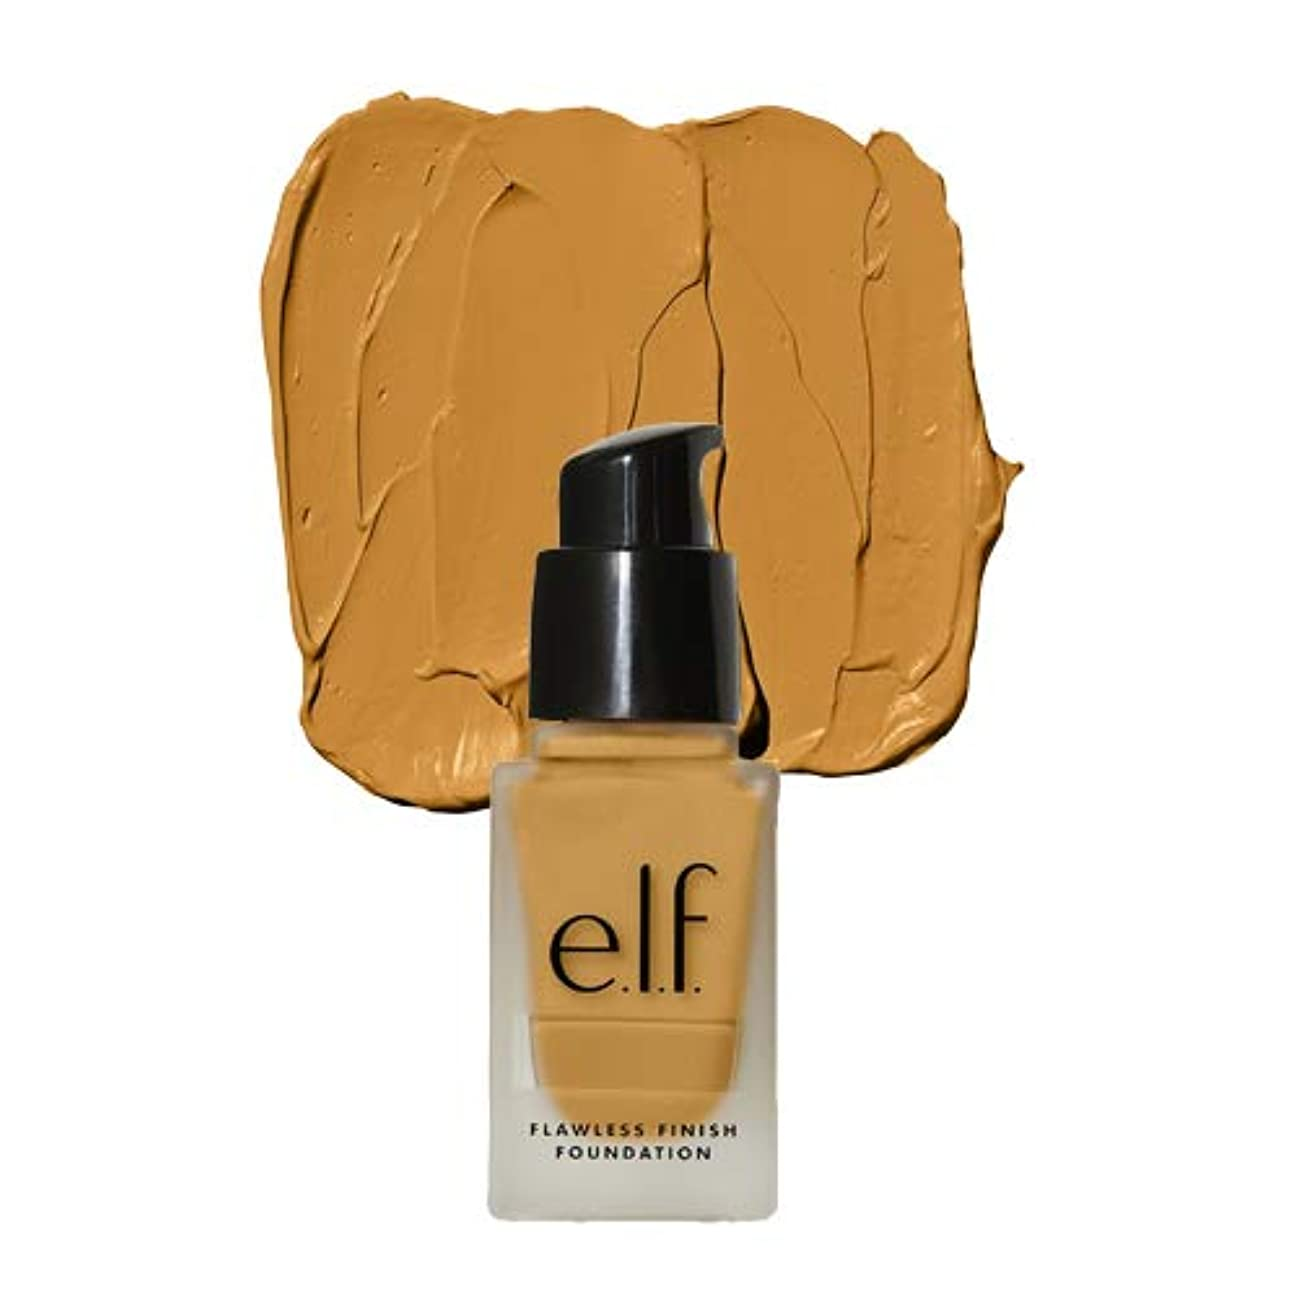 タイピスト痛い想定する(3 Pack) e.l.f. Oil Free Flawless Finish Foundation - Almond (並行輸入品)